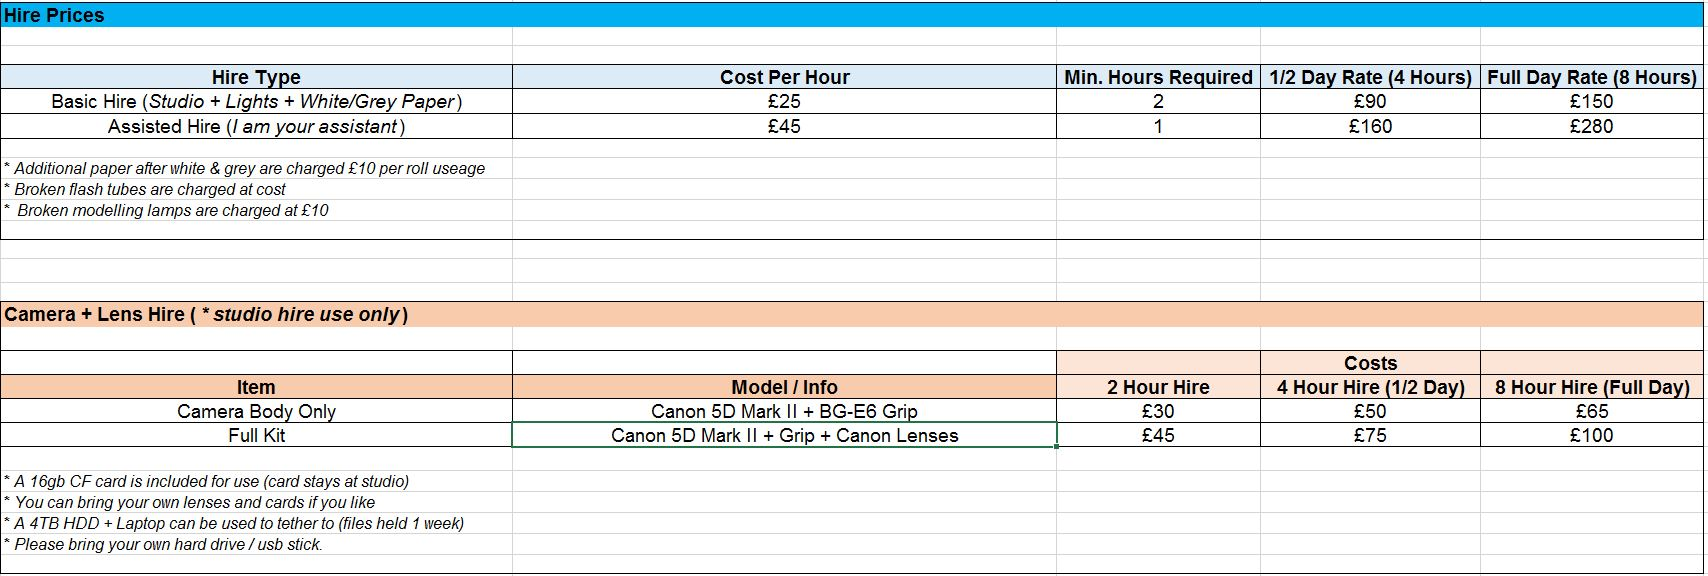 Dec 2018 - Studio Hire + Camera Hire - Rates.JPG